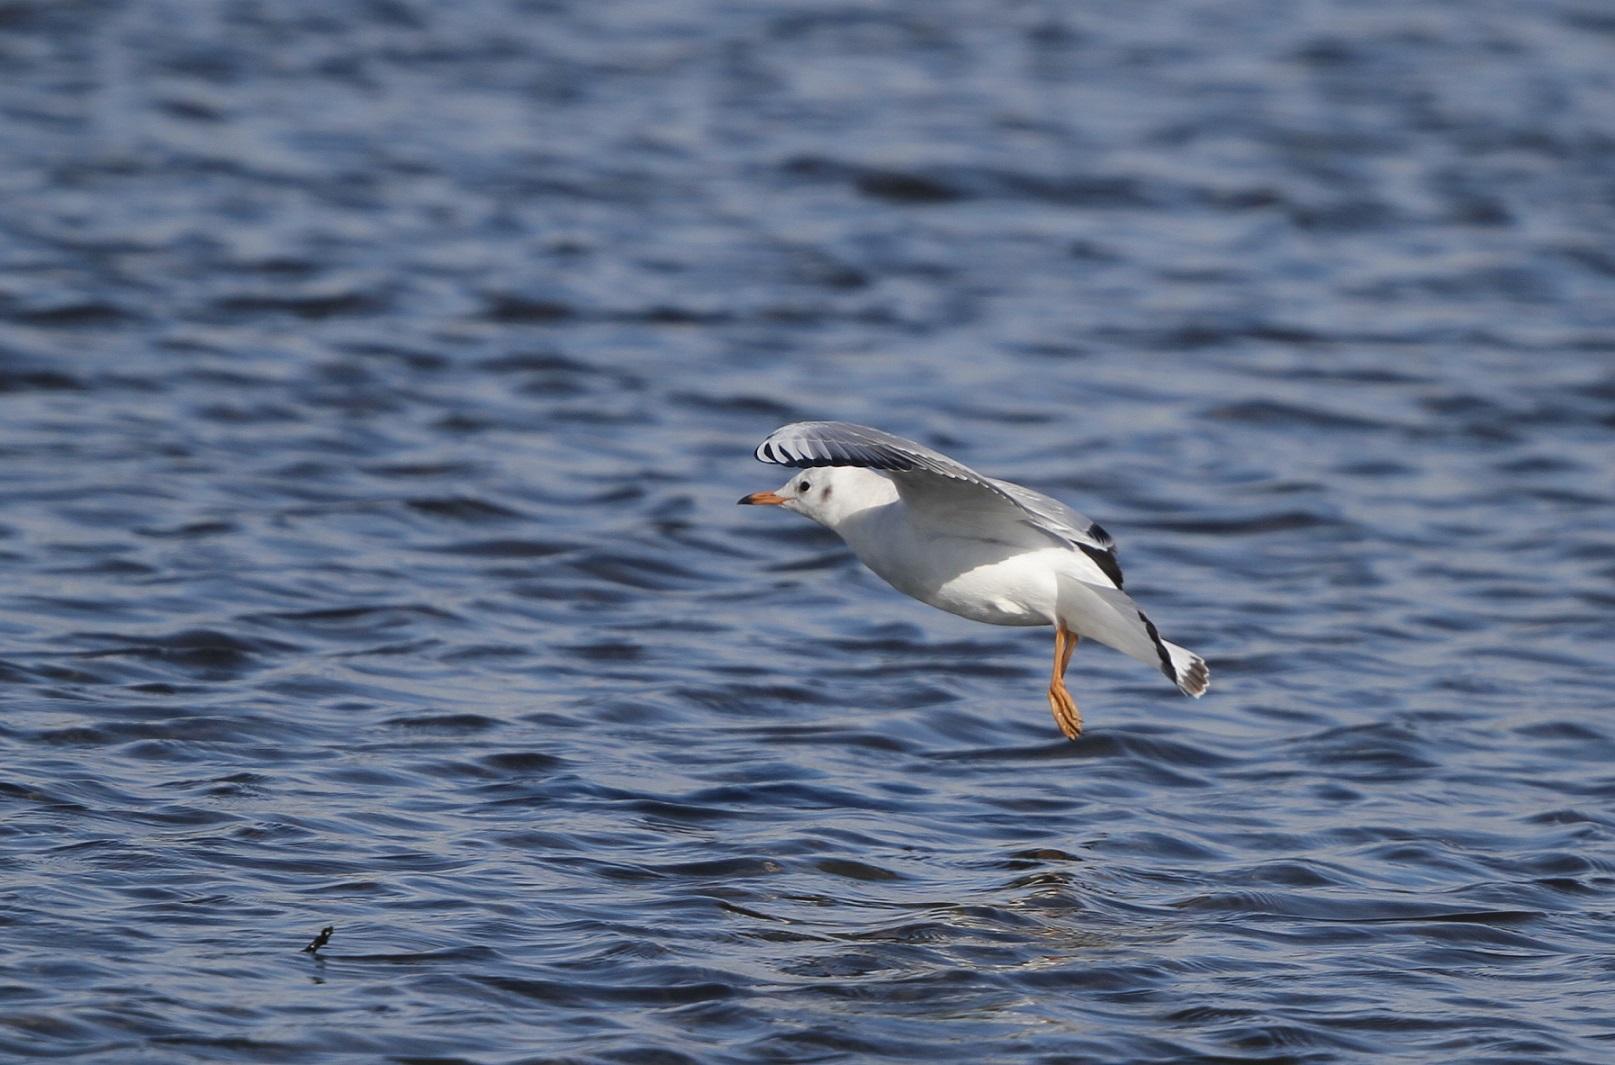 海無し県の沼でのユリカモメ_f0239515_21293679.jpg